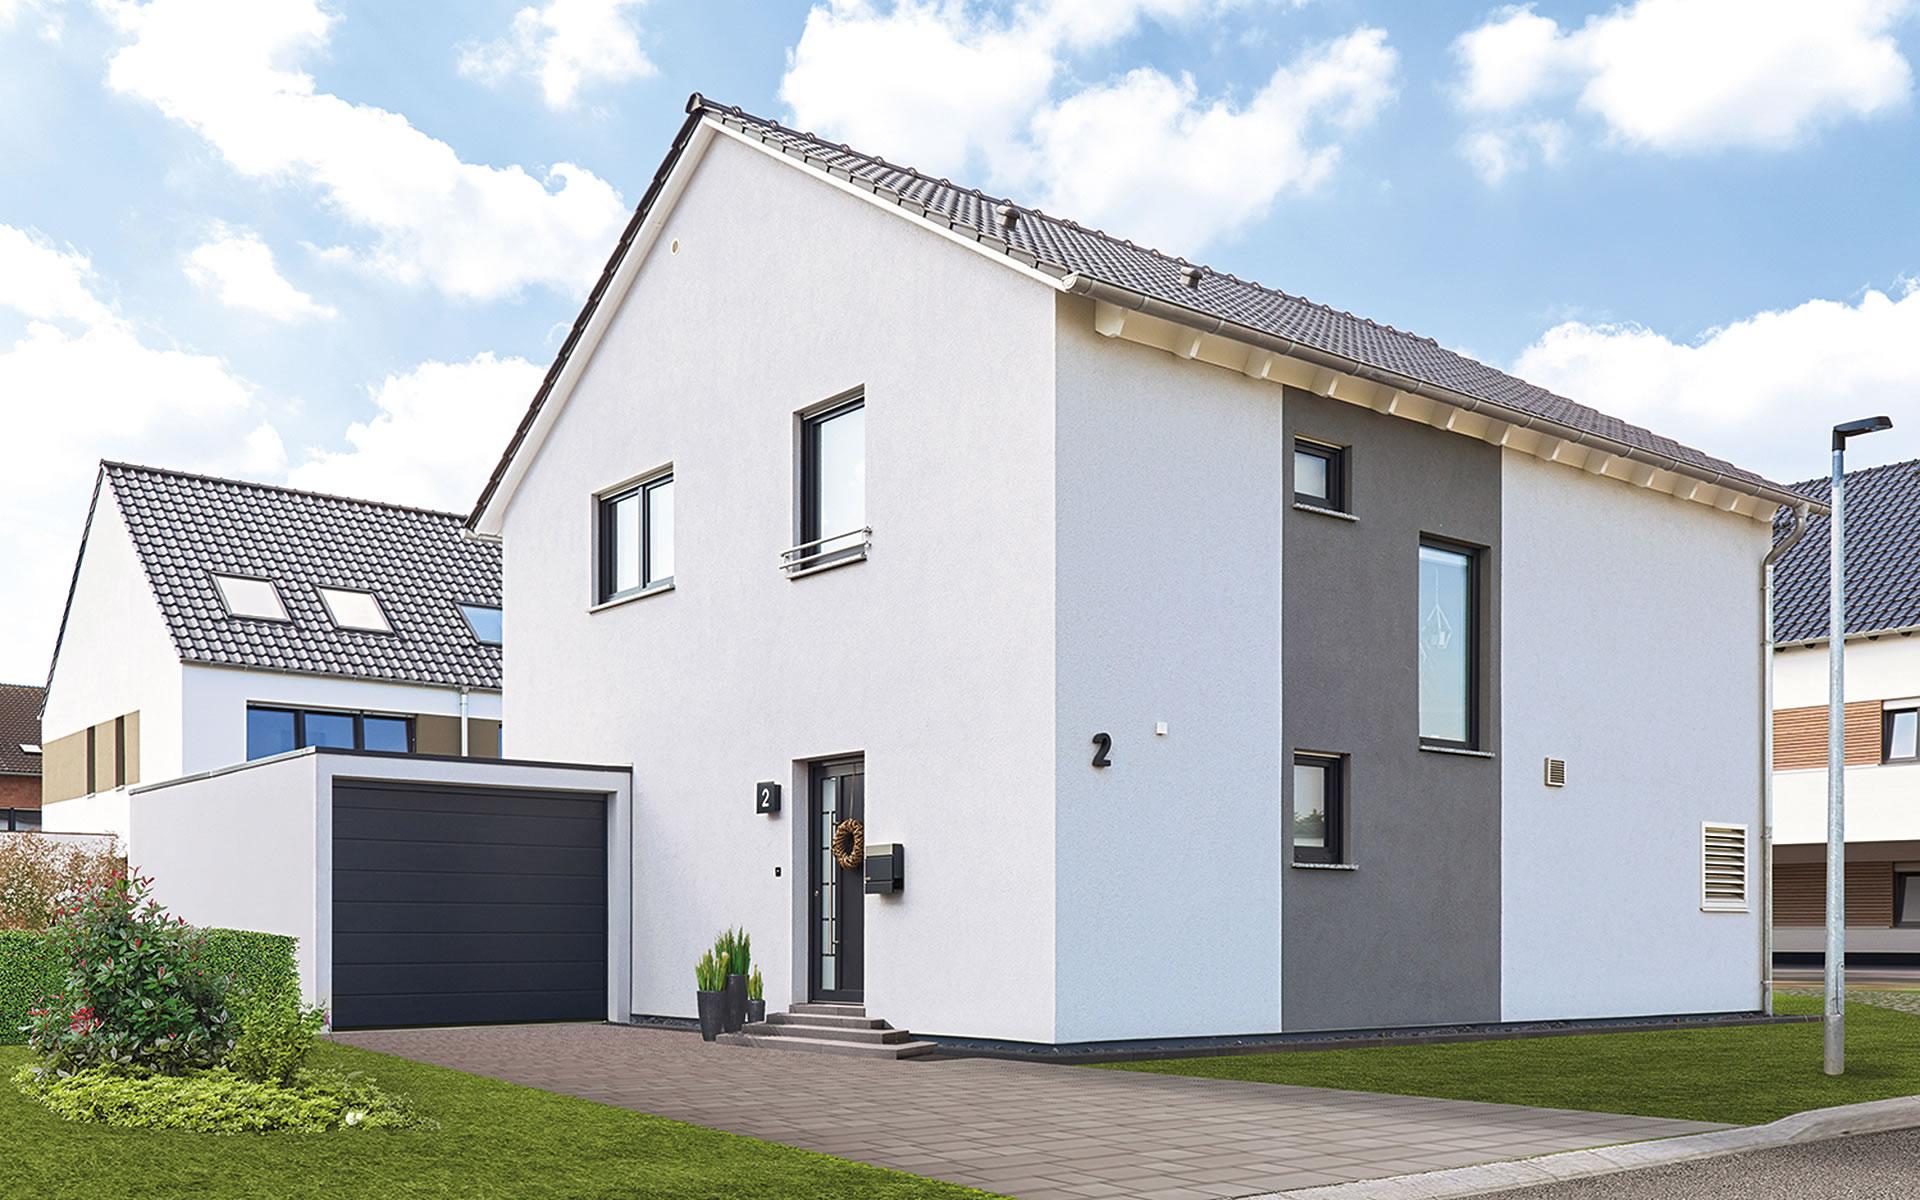 Juna von Fingerhut Haus GmbH & Co. KG